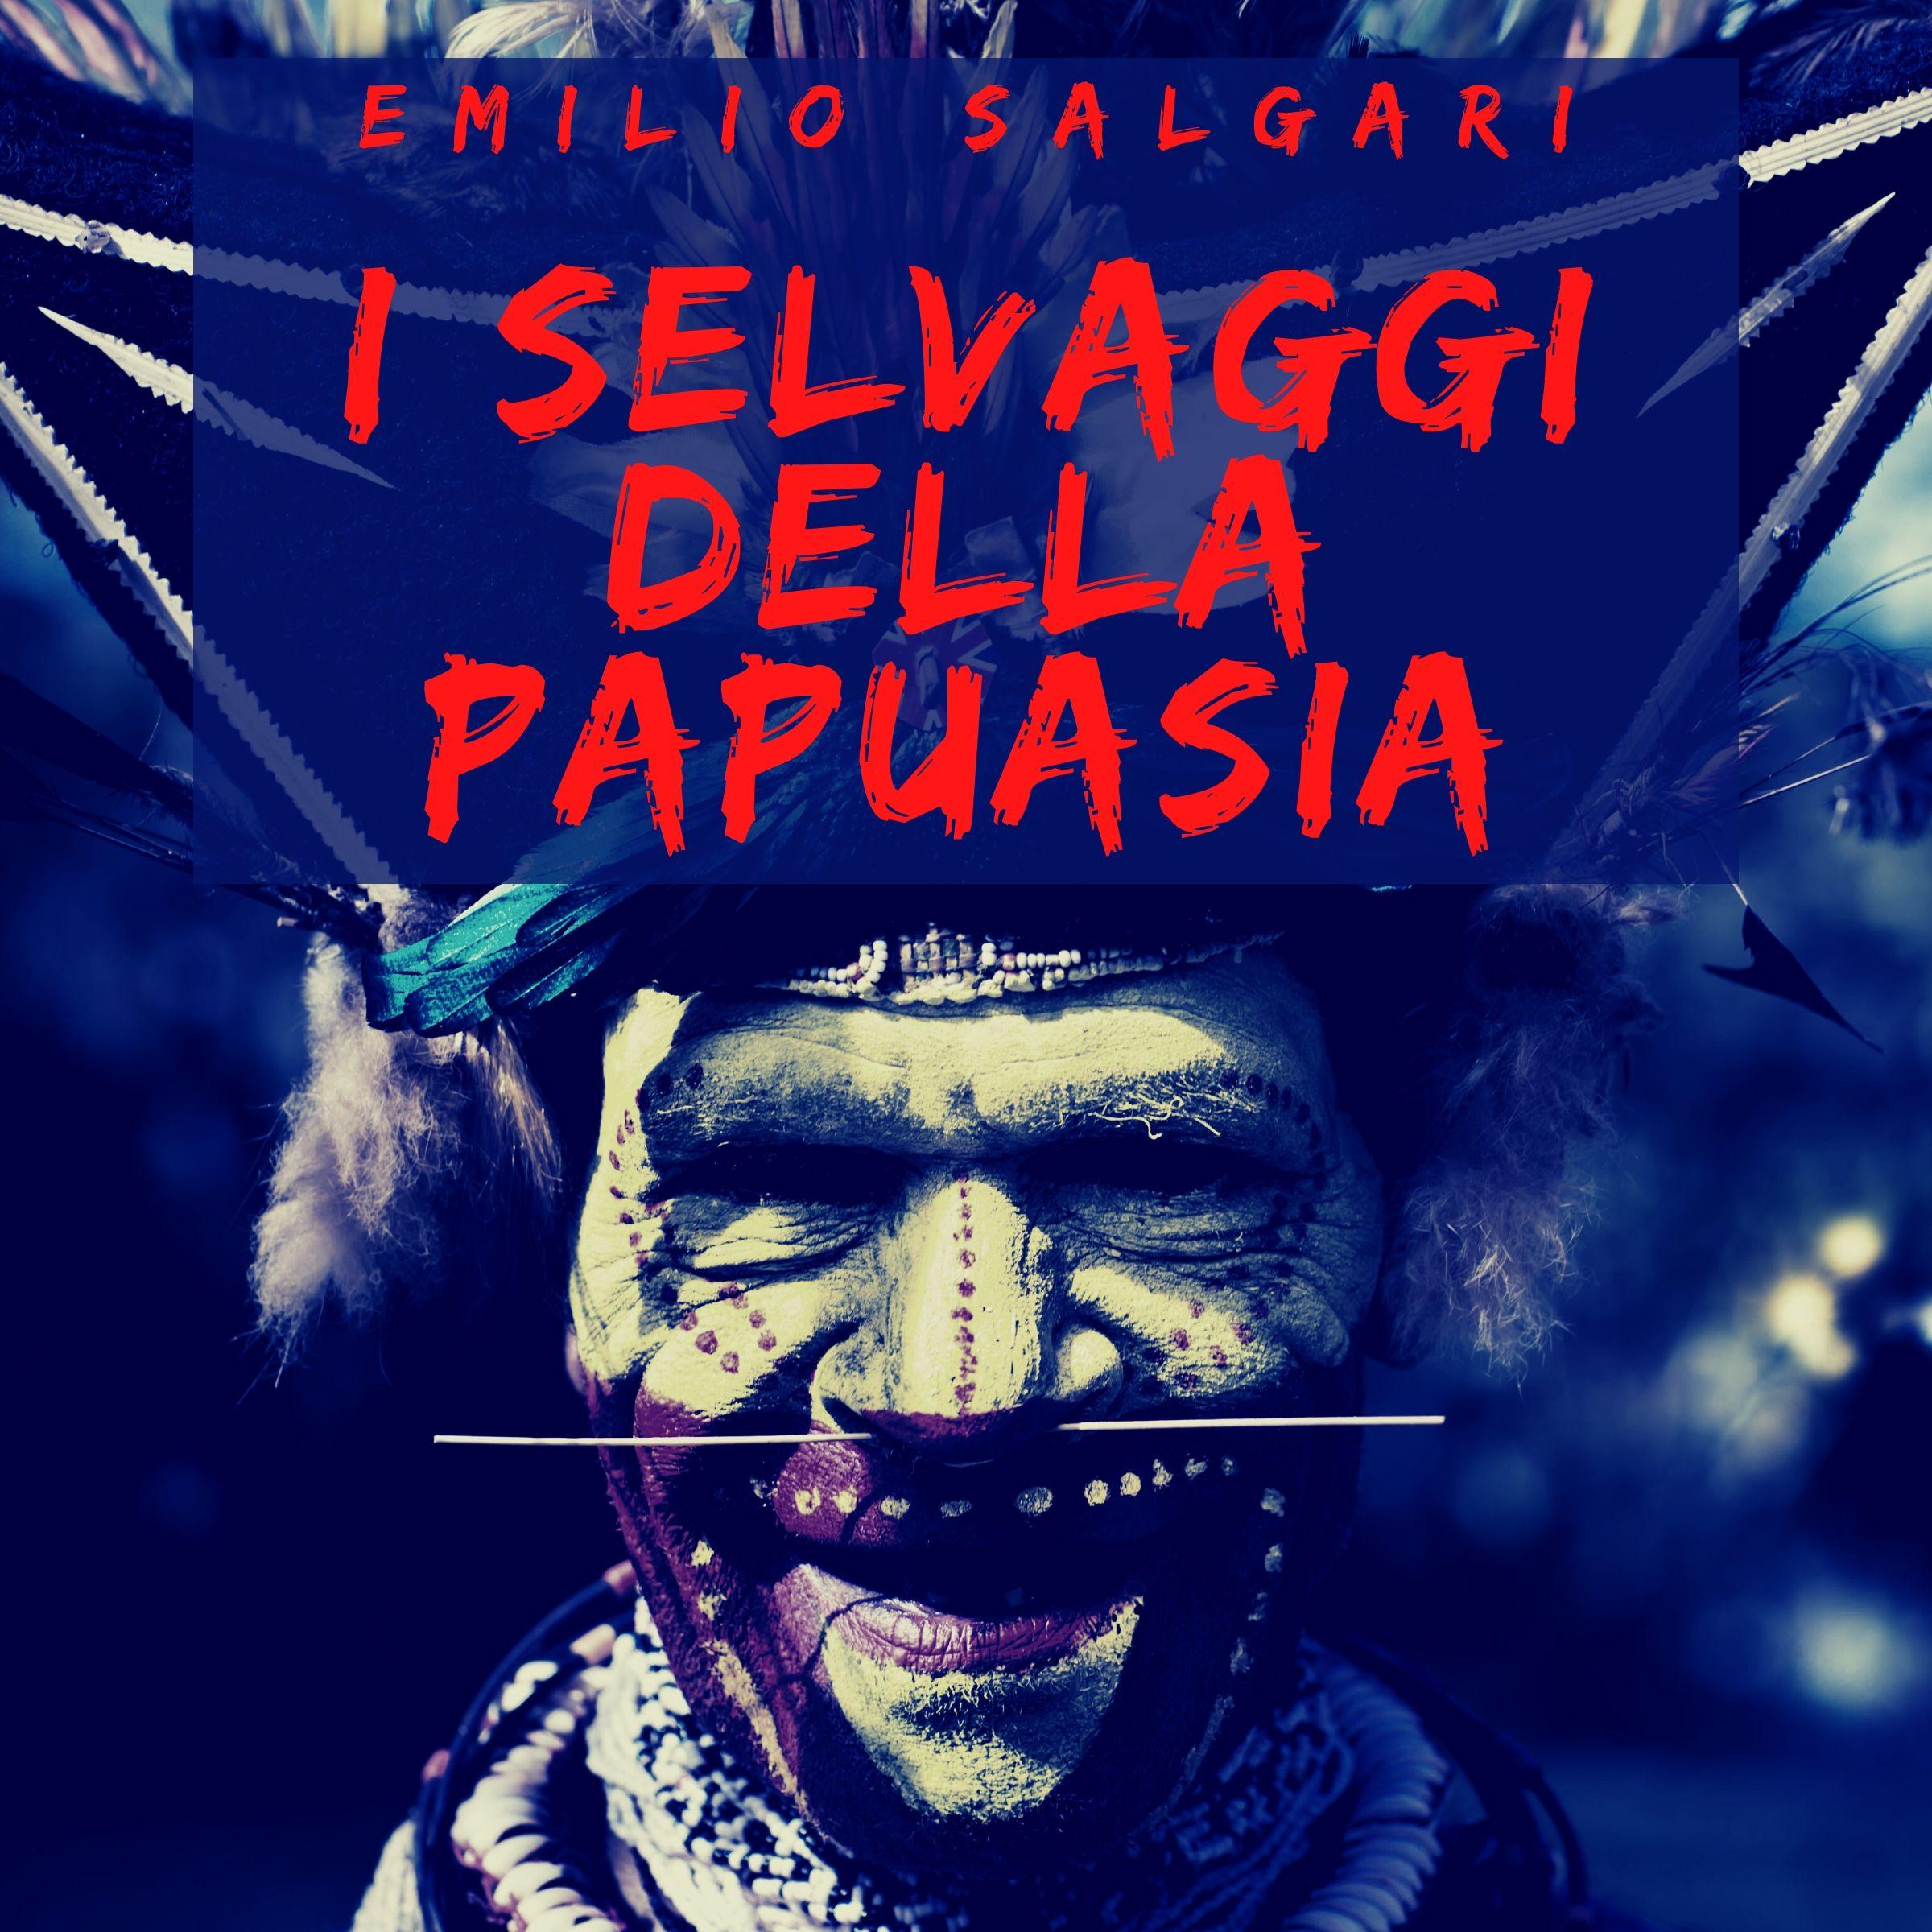 audiolibro di emilio salgari - i selvaggi della papuasia racconto d'avventura